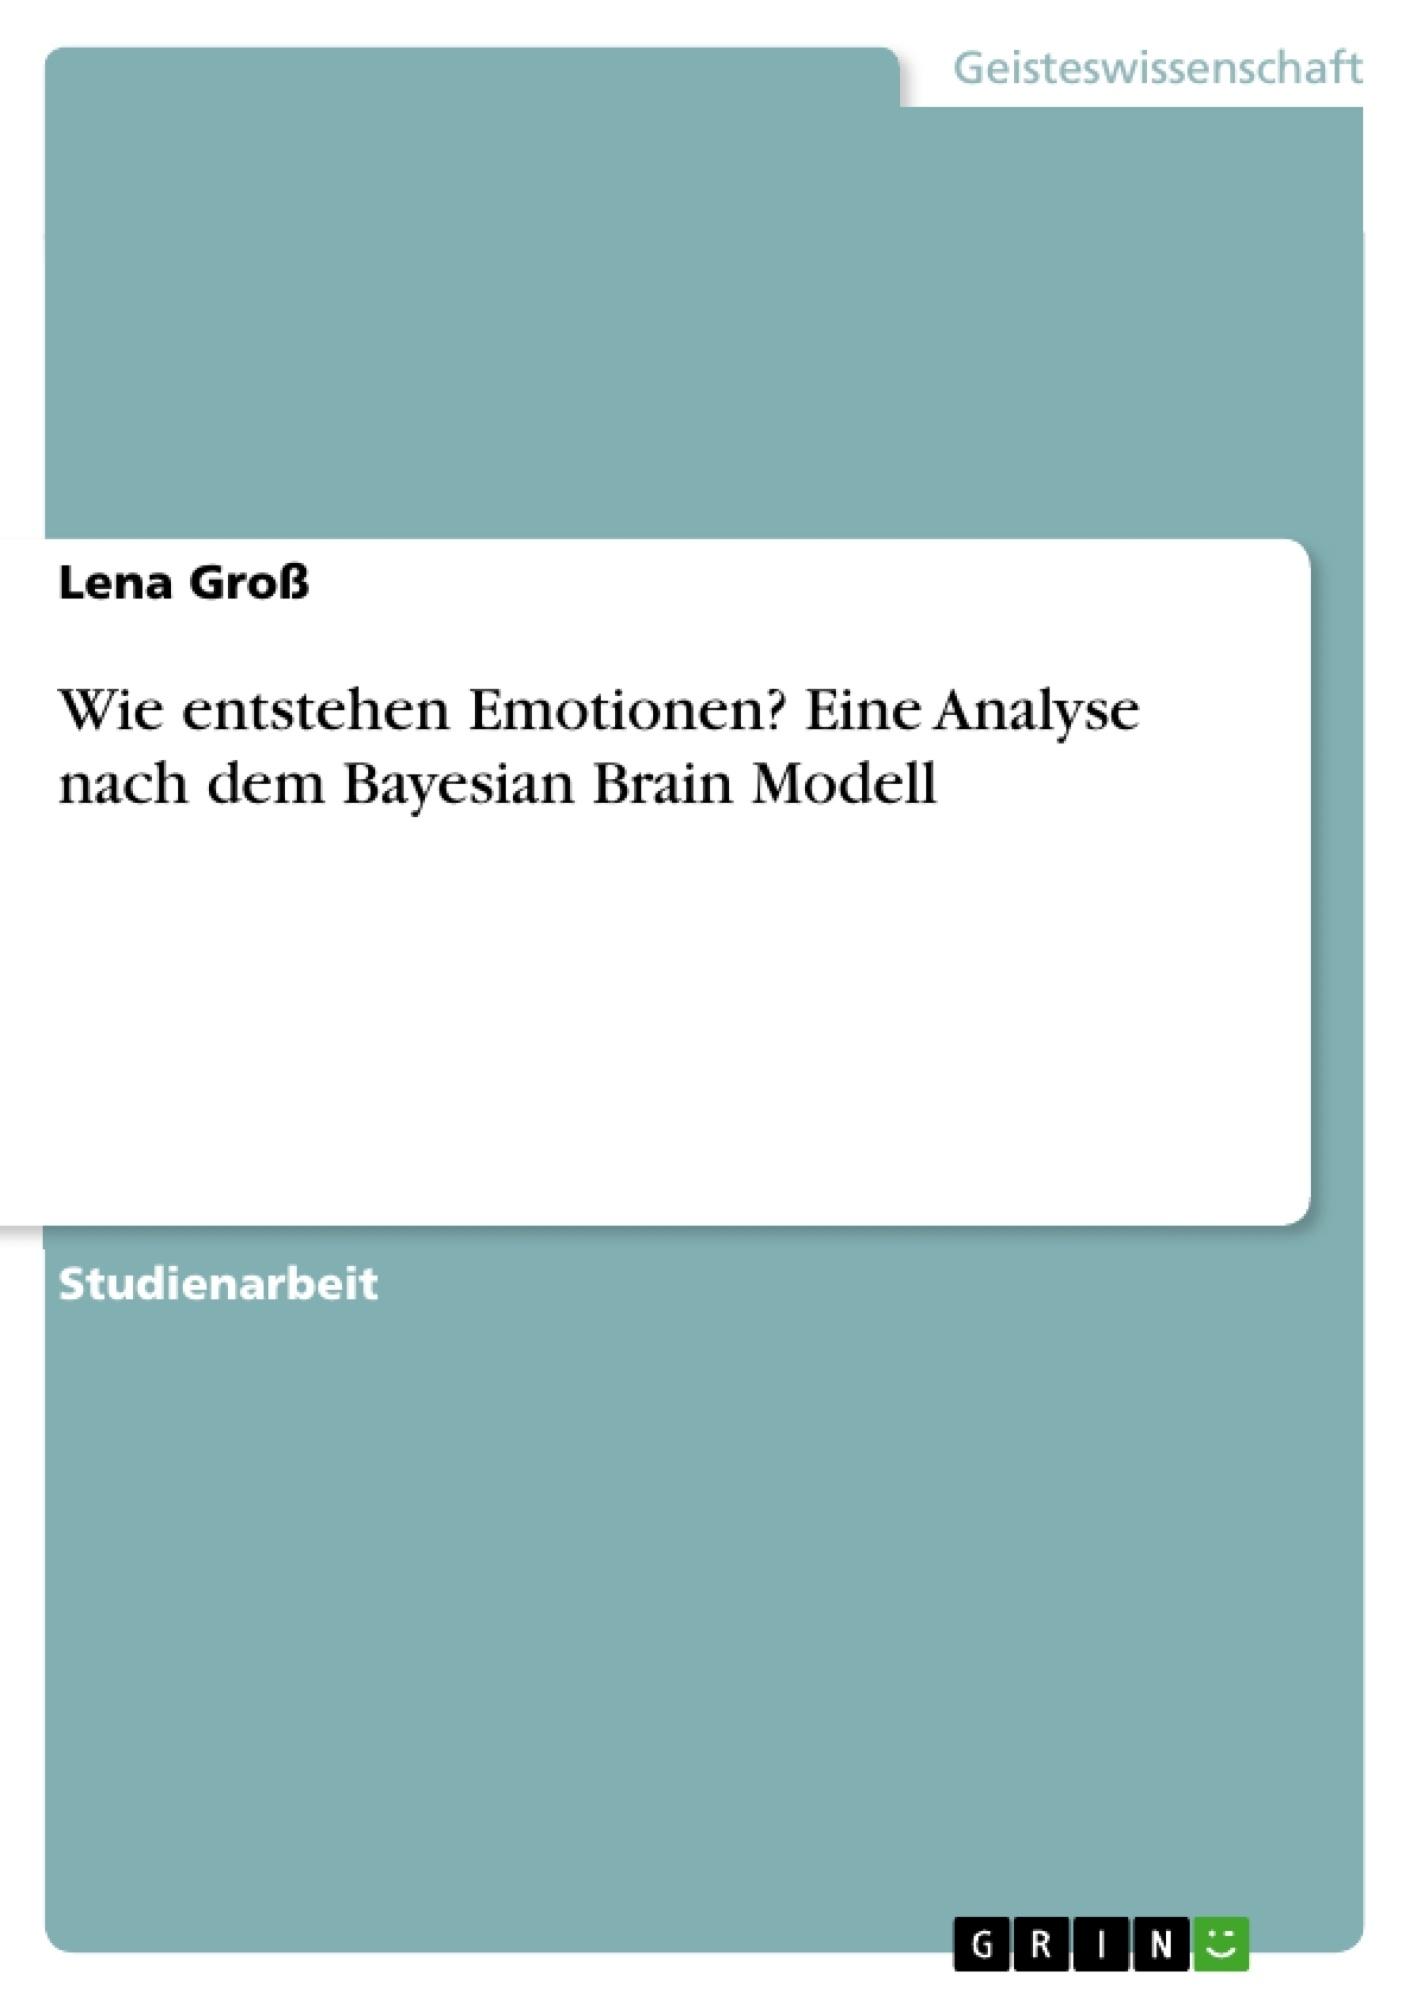 Titel: Wie entstehen Emotionen? Eine Analyse nach dem Bayesian Brain Modell